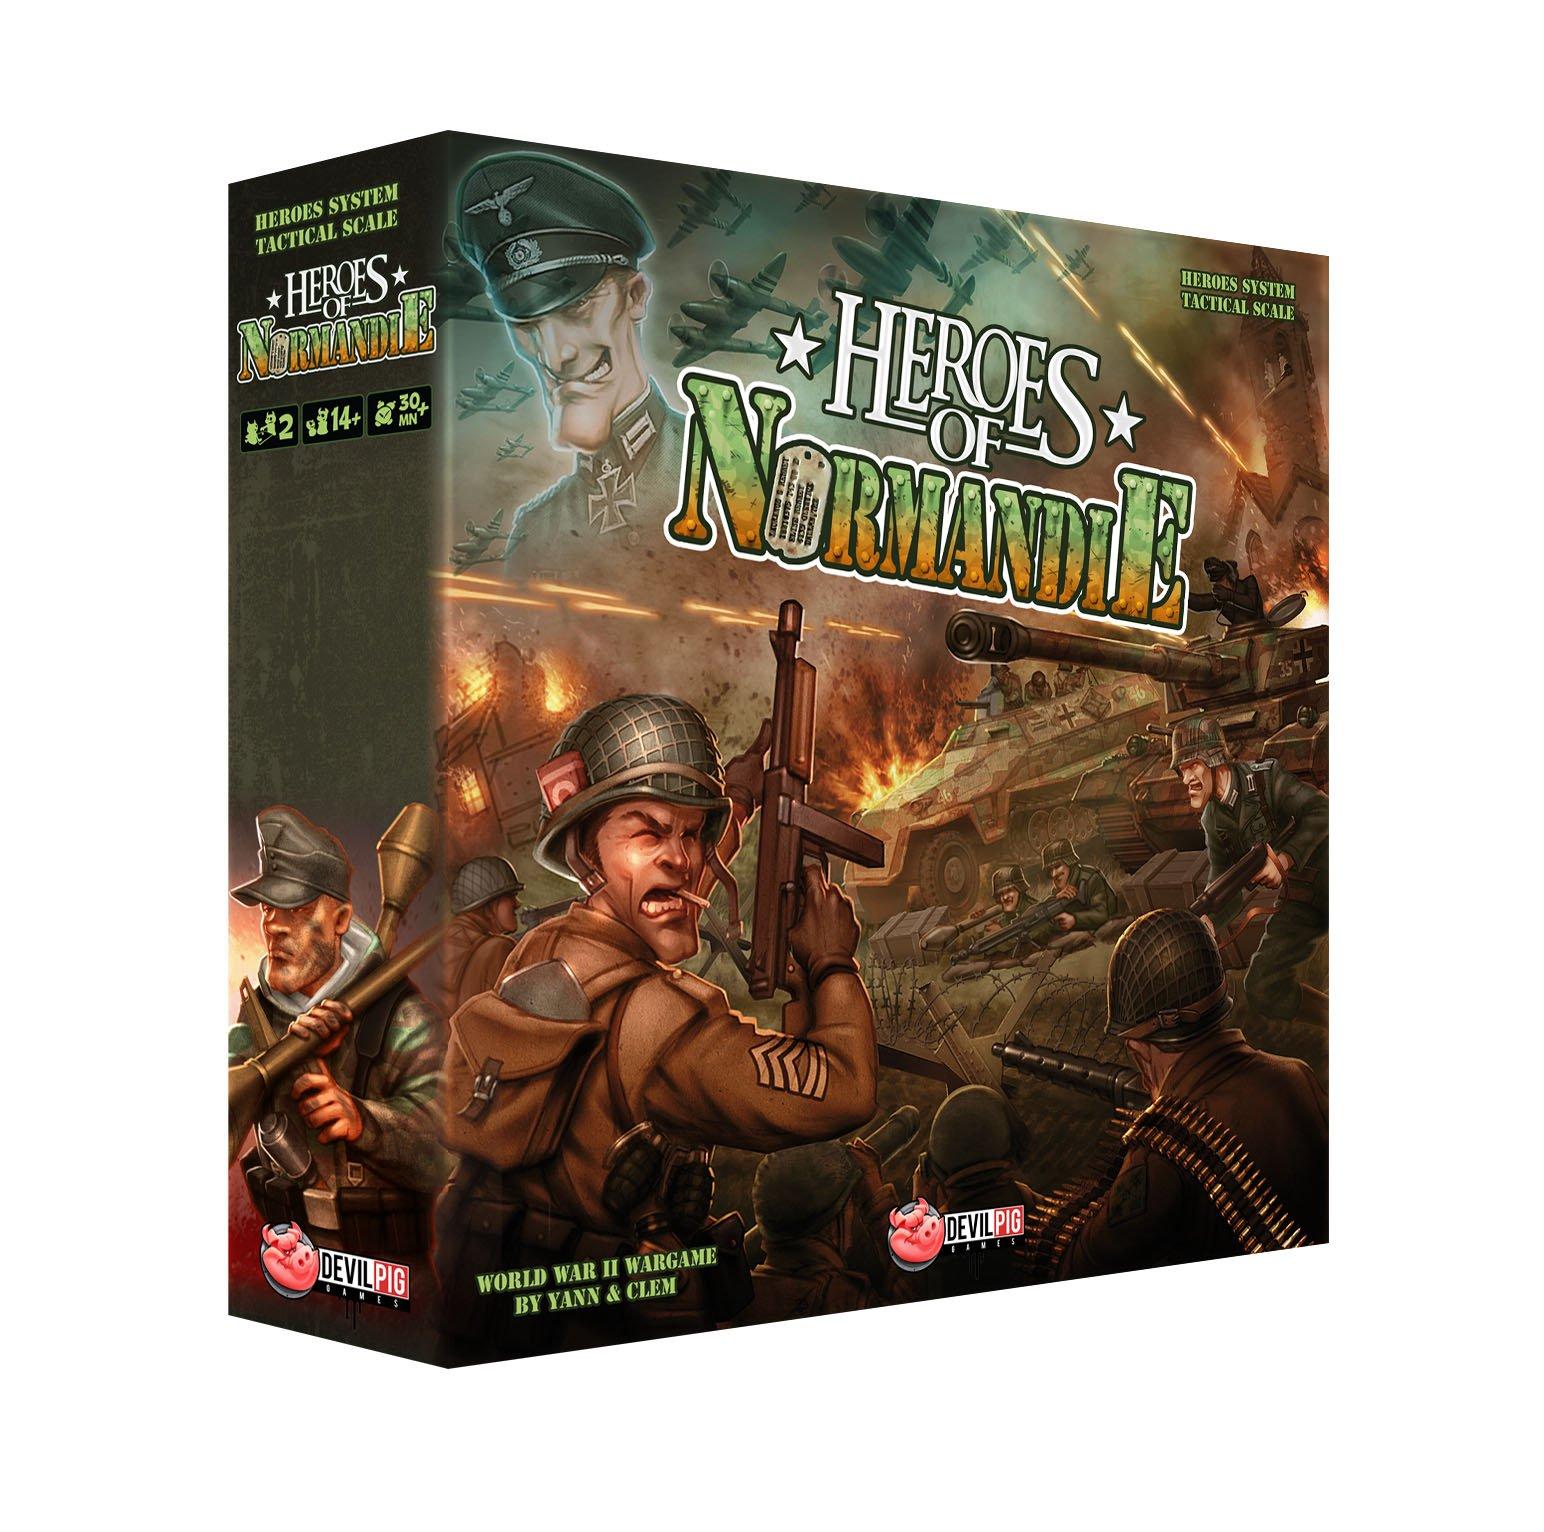 Desconocido Héroes - Juego de Mesa, para 2 Jugadores (DPG58001) (Importado): Amazon.es: Juguetes y juegos